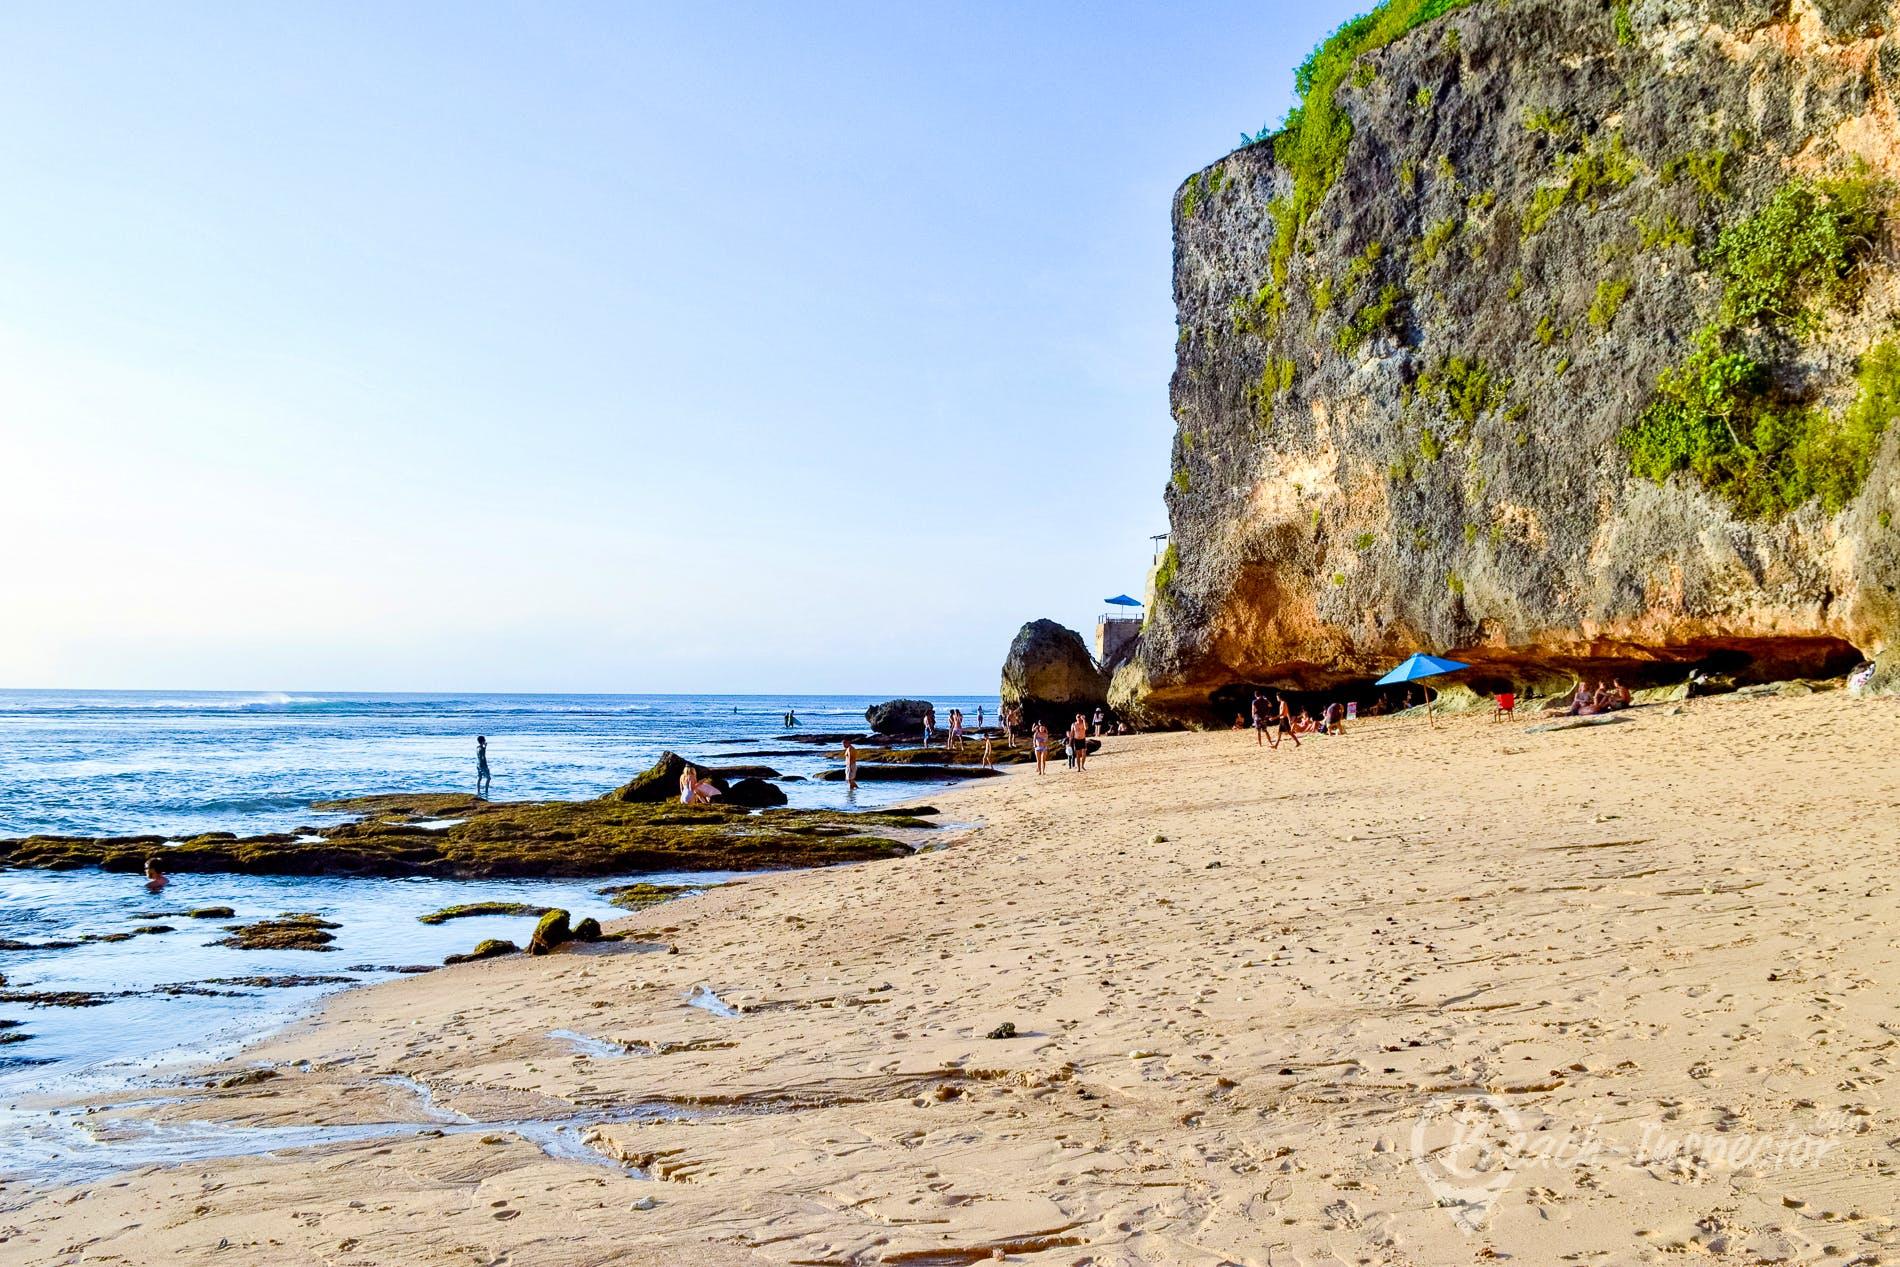 Beach Uluwatu Beach, Bali, Indonesia